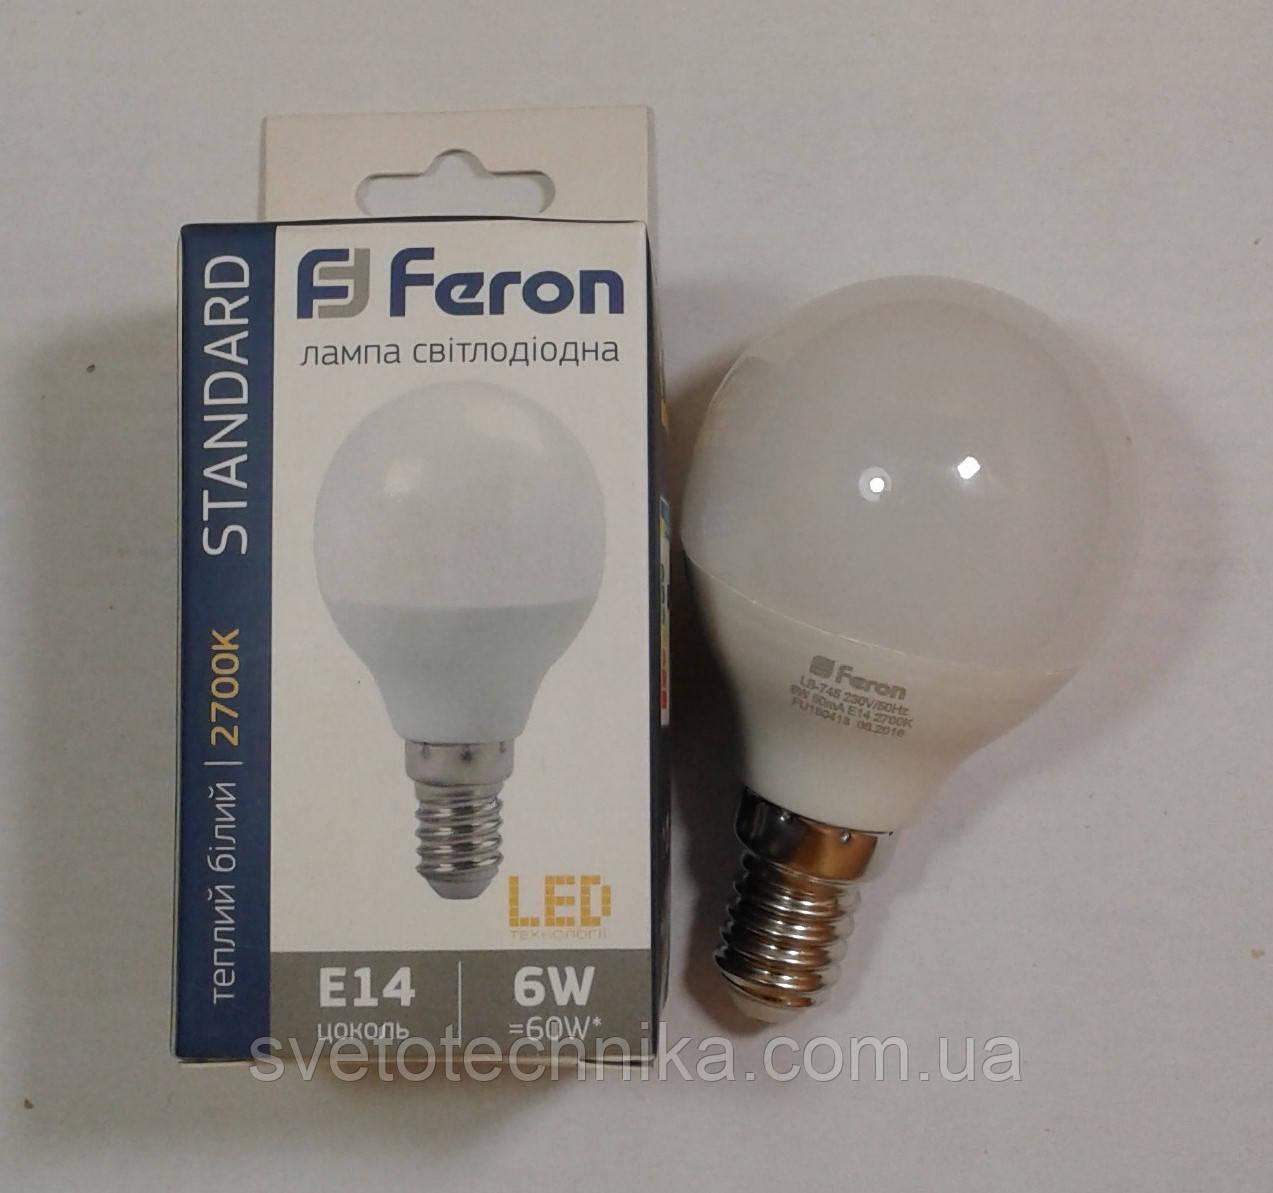 Светодиодная лампа Feron LB745 E14 6W 2700К